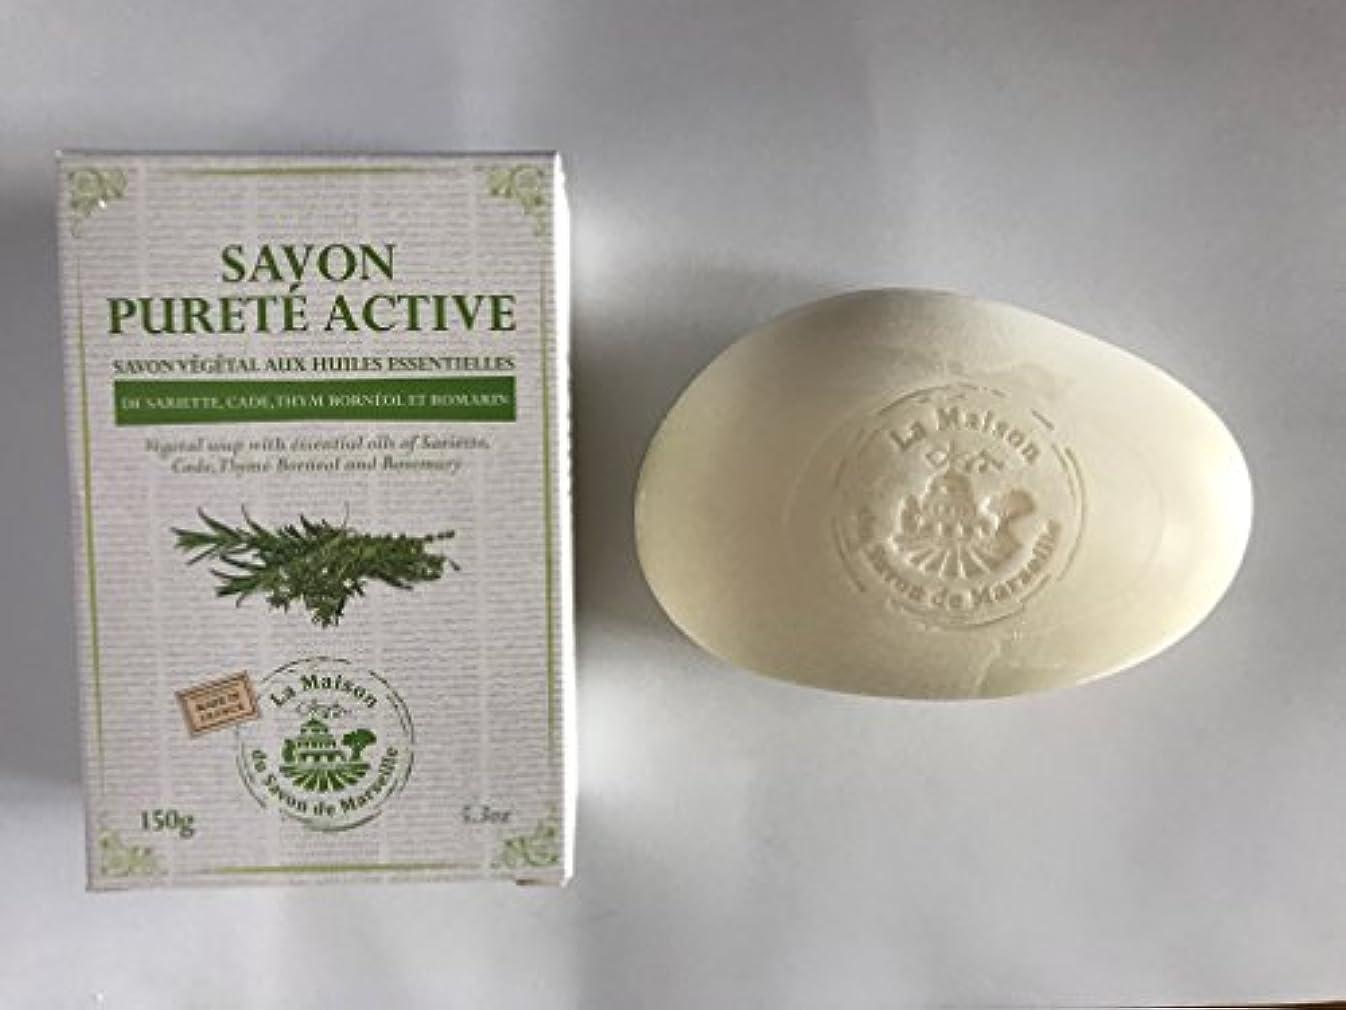 ファン達成巻き取りSavon de Marseille Soap with essential oils,Purete active 150g